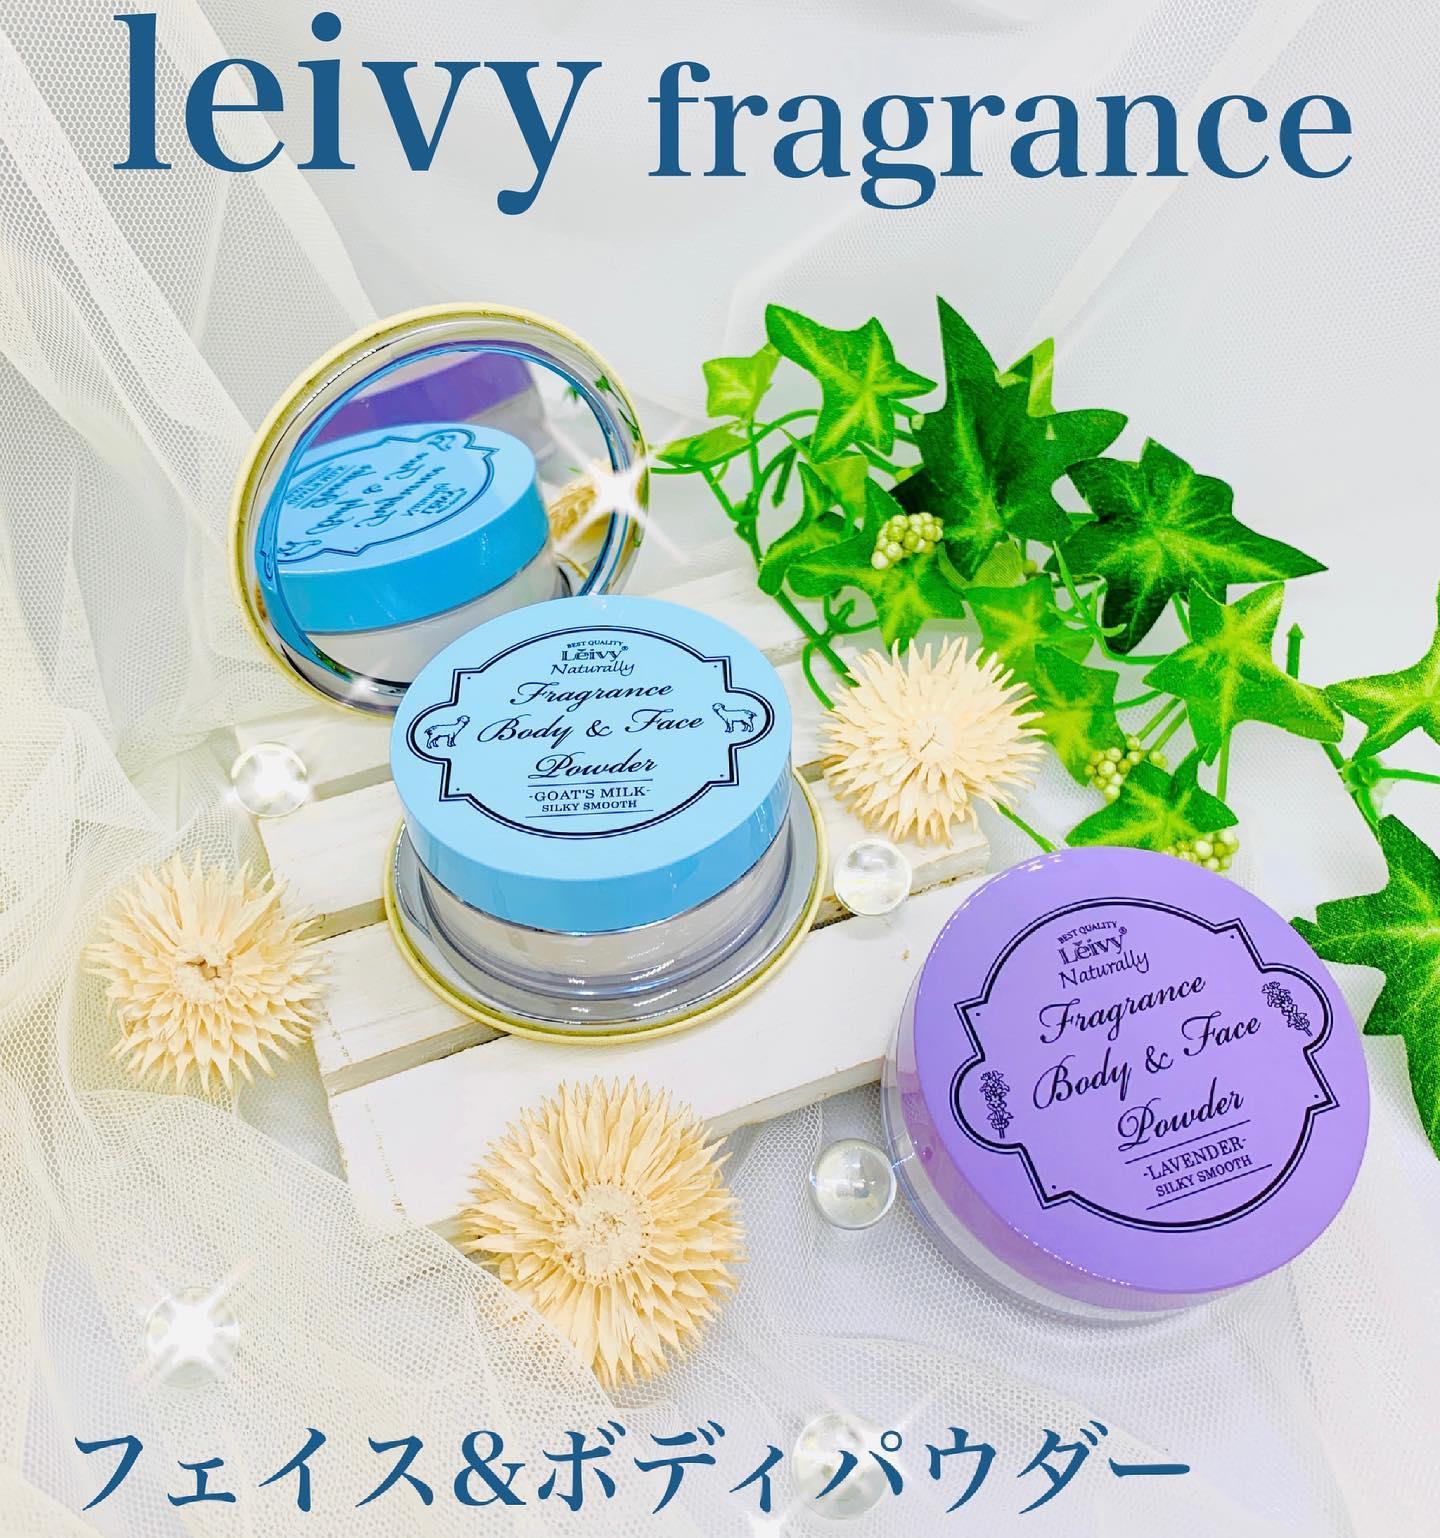 口コミ投稿:..Leivy fragrance【レイヴィーフレグランス    ボディ&フェイスパウダー】.♦︎ゴ…